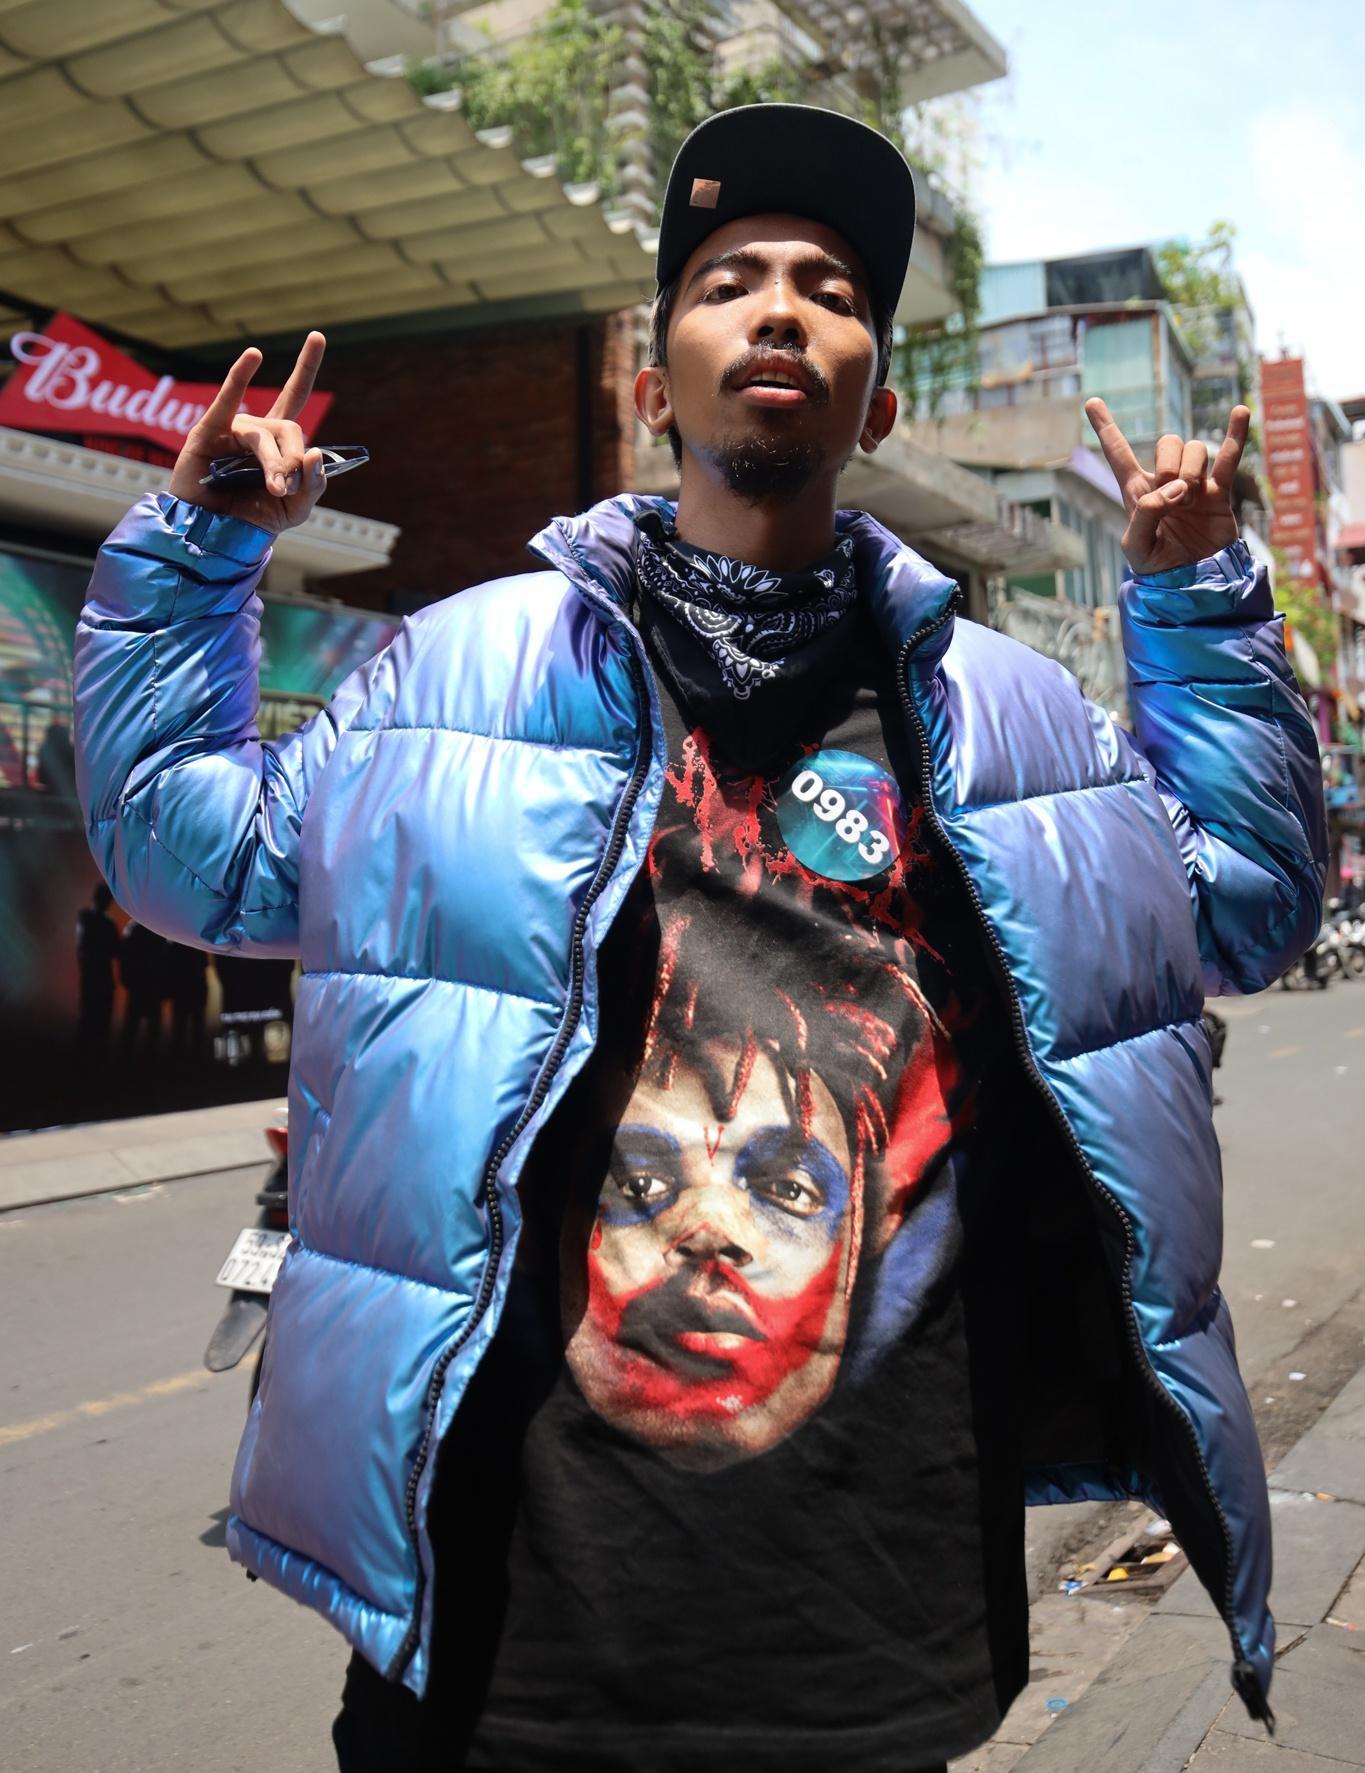 Giới trẻ mặc gì tại vòng casting Rap Việt? Ảnh 9